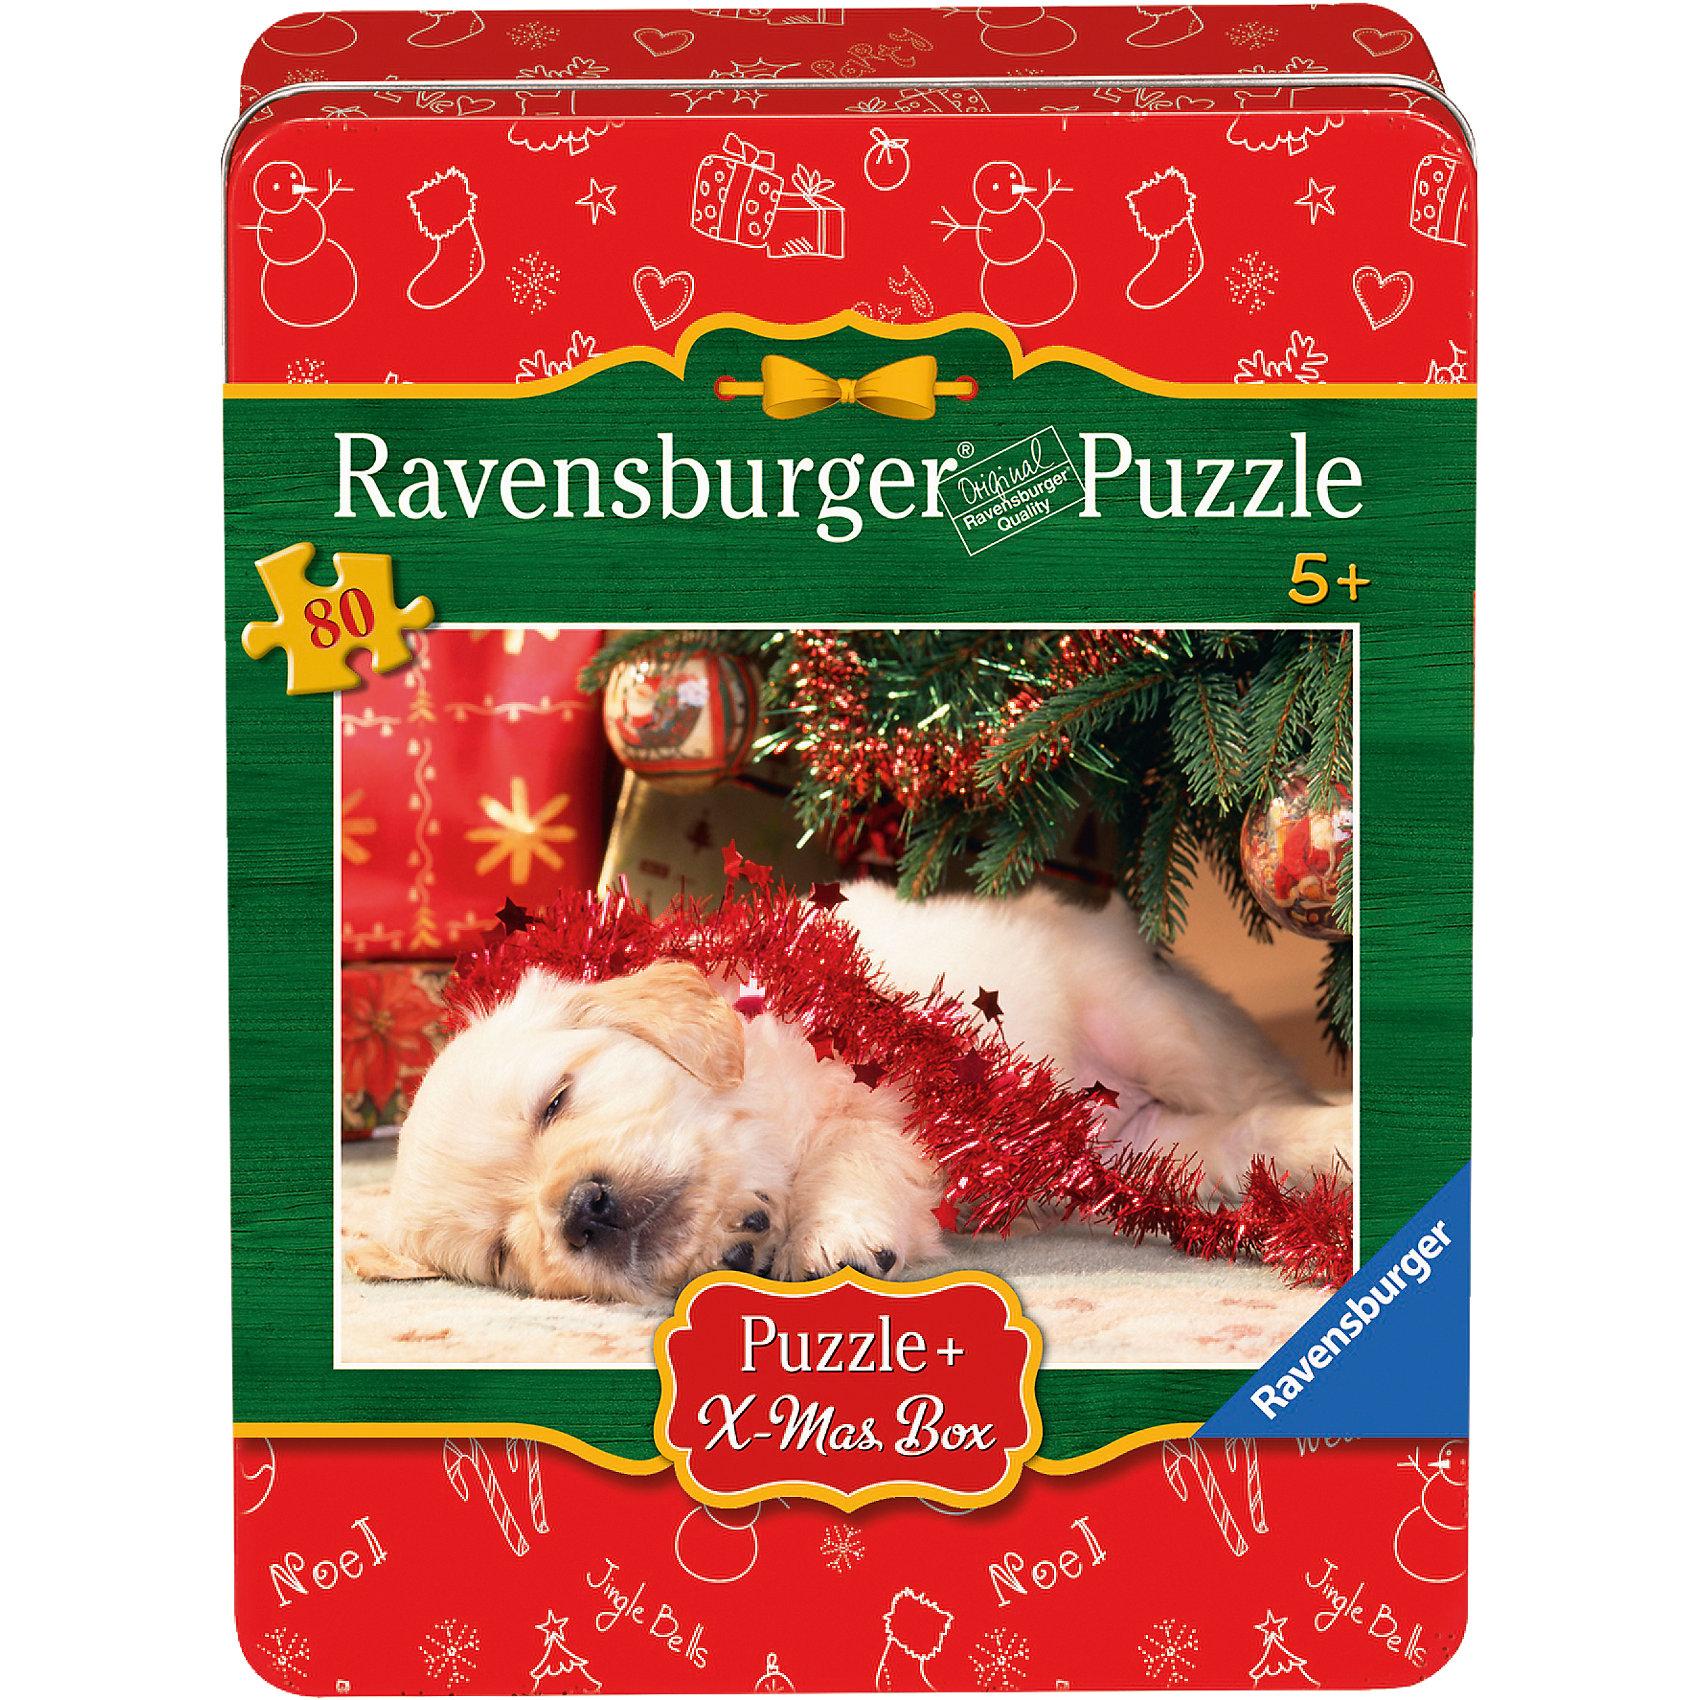 Пазл Рождественский щенок, 80 деталей, RavensburgerКлассические пазлы<br>Пазл Рождественский щенок, 80 деталей, Ravensburger (Равенсбургер).<br><br>Характеристика:<br><br>• Материал: картон. <br>• Размер упаковки: 22х17х5 см. <br>• Размер готовой картинки: 36х26 см. <br>• Количество деталей: 80.<br><br>Дети обожают собирать пазлы. Это очень интересное и полезное занятие, которое поможет ребенку развить мелкую моторику, внимание, цветовосприятие, усидчивость и образное мышление. Картинка с очаровательным щенком станет прекрасным украшением комнаты или же отличным подарком, сделанным своими руками. <br><br>Пазл Рождественский щенок, 80 деталей, Ravensburger (Равенсбургер), можно купить в нашем интернет-магазине.<br><br>Ширина мм: 220<br>Глубина мм: 170<br>Высота мм: 50<br>Вес г: 393<br>Возраст от месяцев: 60<br>Возраст до месяцев: 84<br>Пол: Женский<br>Возраст: Детский<br>Количество деталей: 80<br>SKU: 4008535